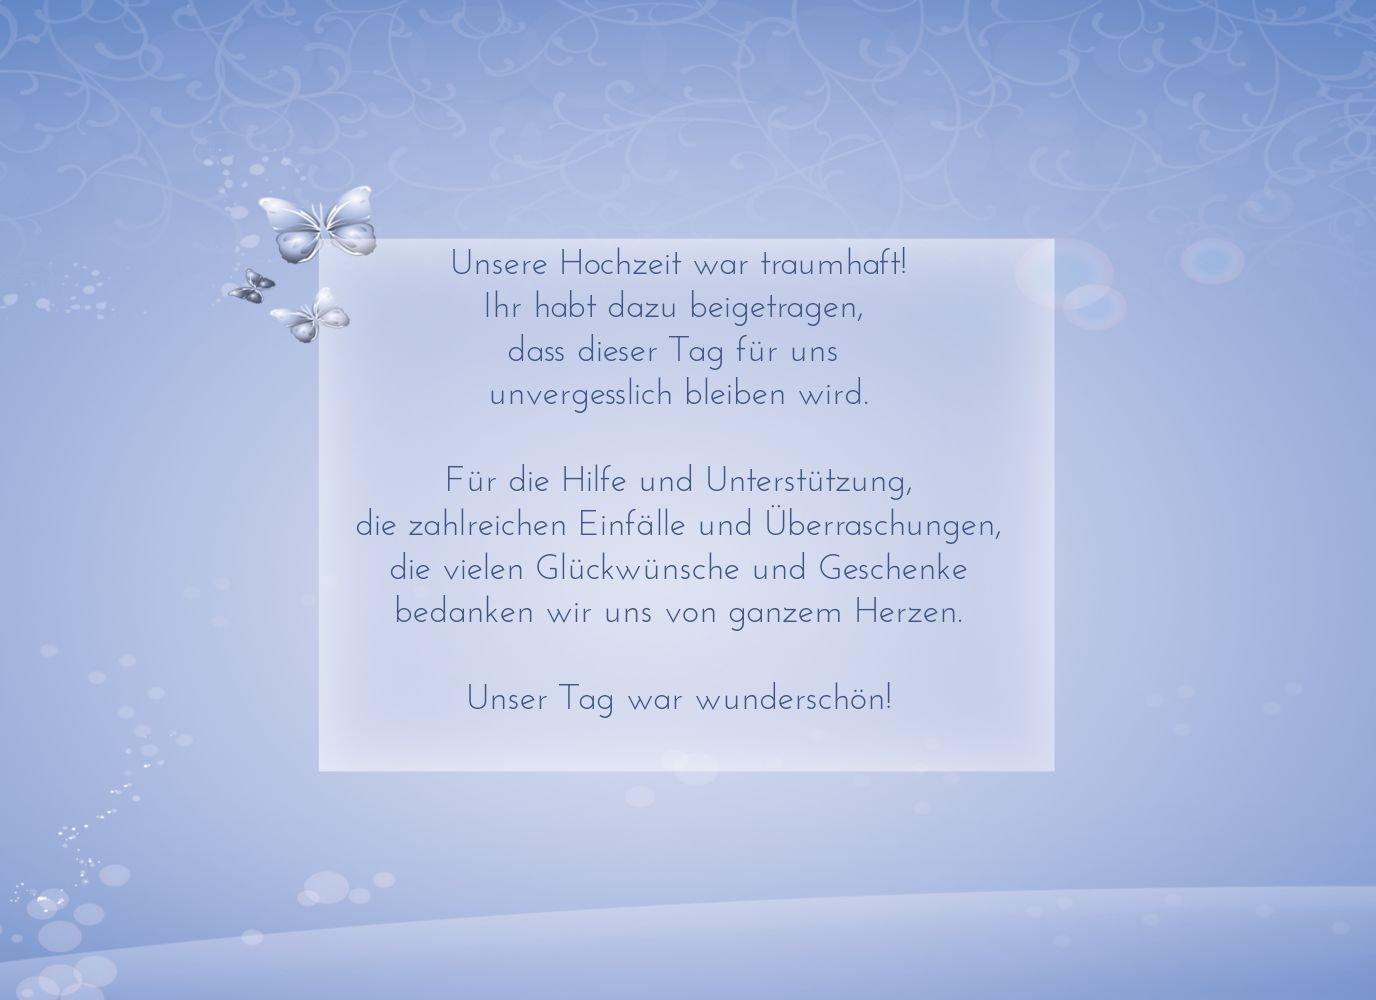 Kartenparadies Danksagung für Hochzeitsgeschenke Hochzeit Danke Dream, Dream, Dream, hochwertige Danksagungskarte Hochzeitsglückwünsche inklusive Umschläge   10 Karten - (Format  148x105 mm) Farbe  HellRosa B01N6THJTK | München  | Professionelles D 1d22bd